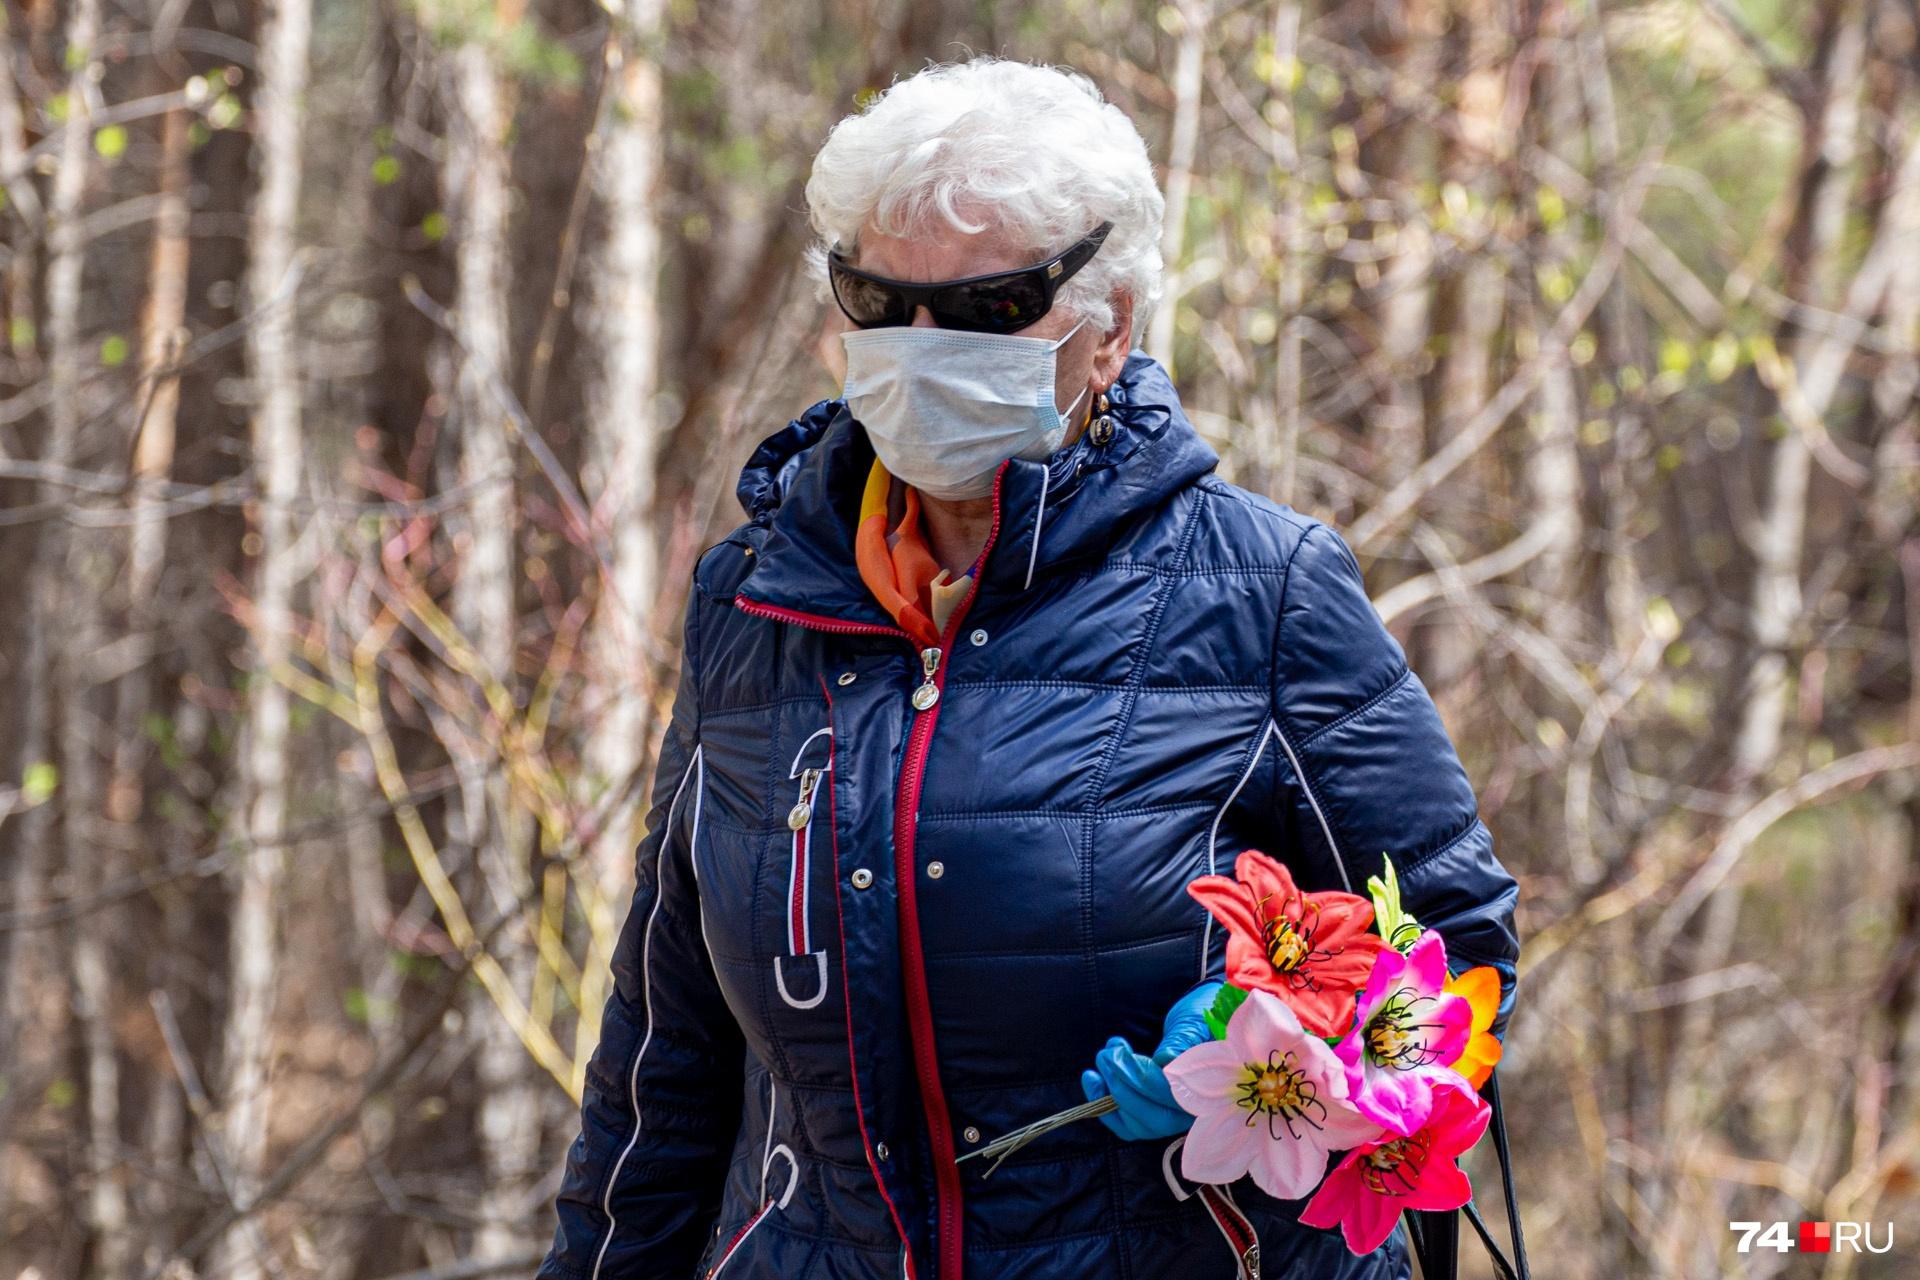 Видимо, челябинцам в очках и масках не страшен никакой коронавирус. Родительский день ведь